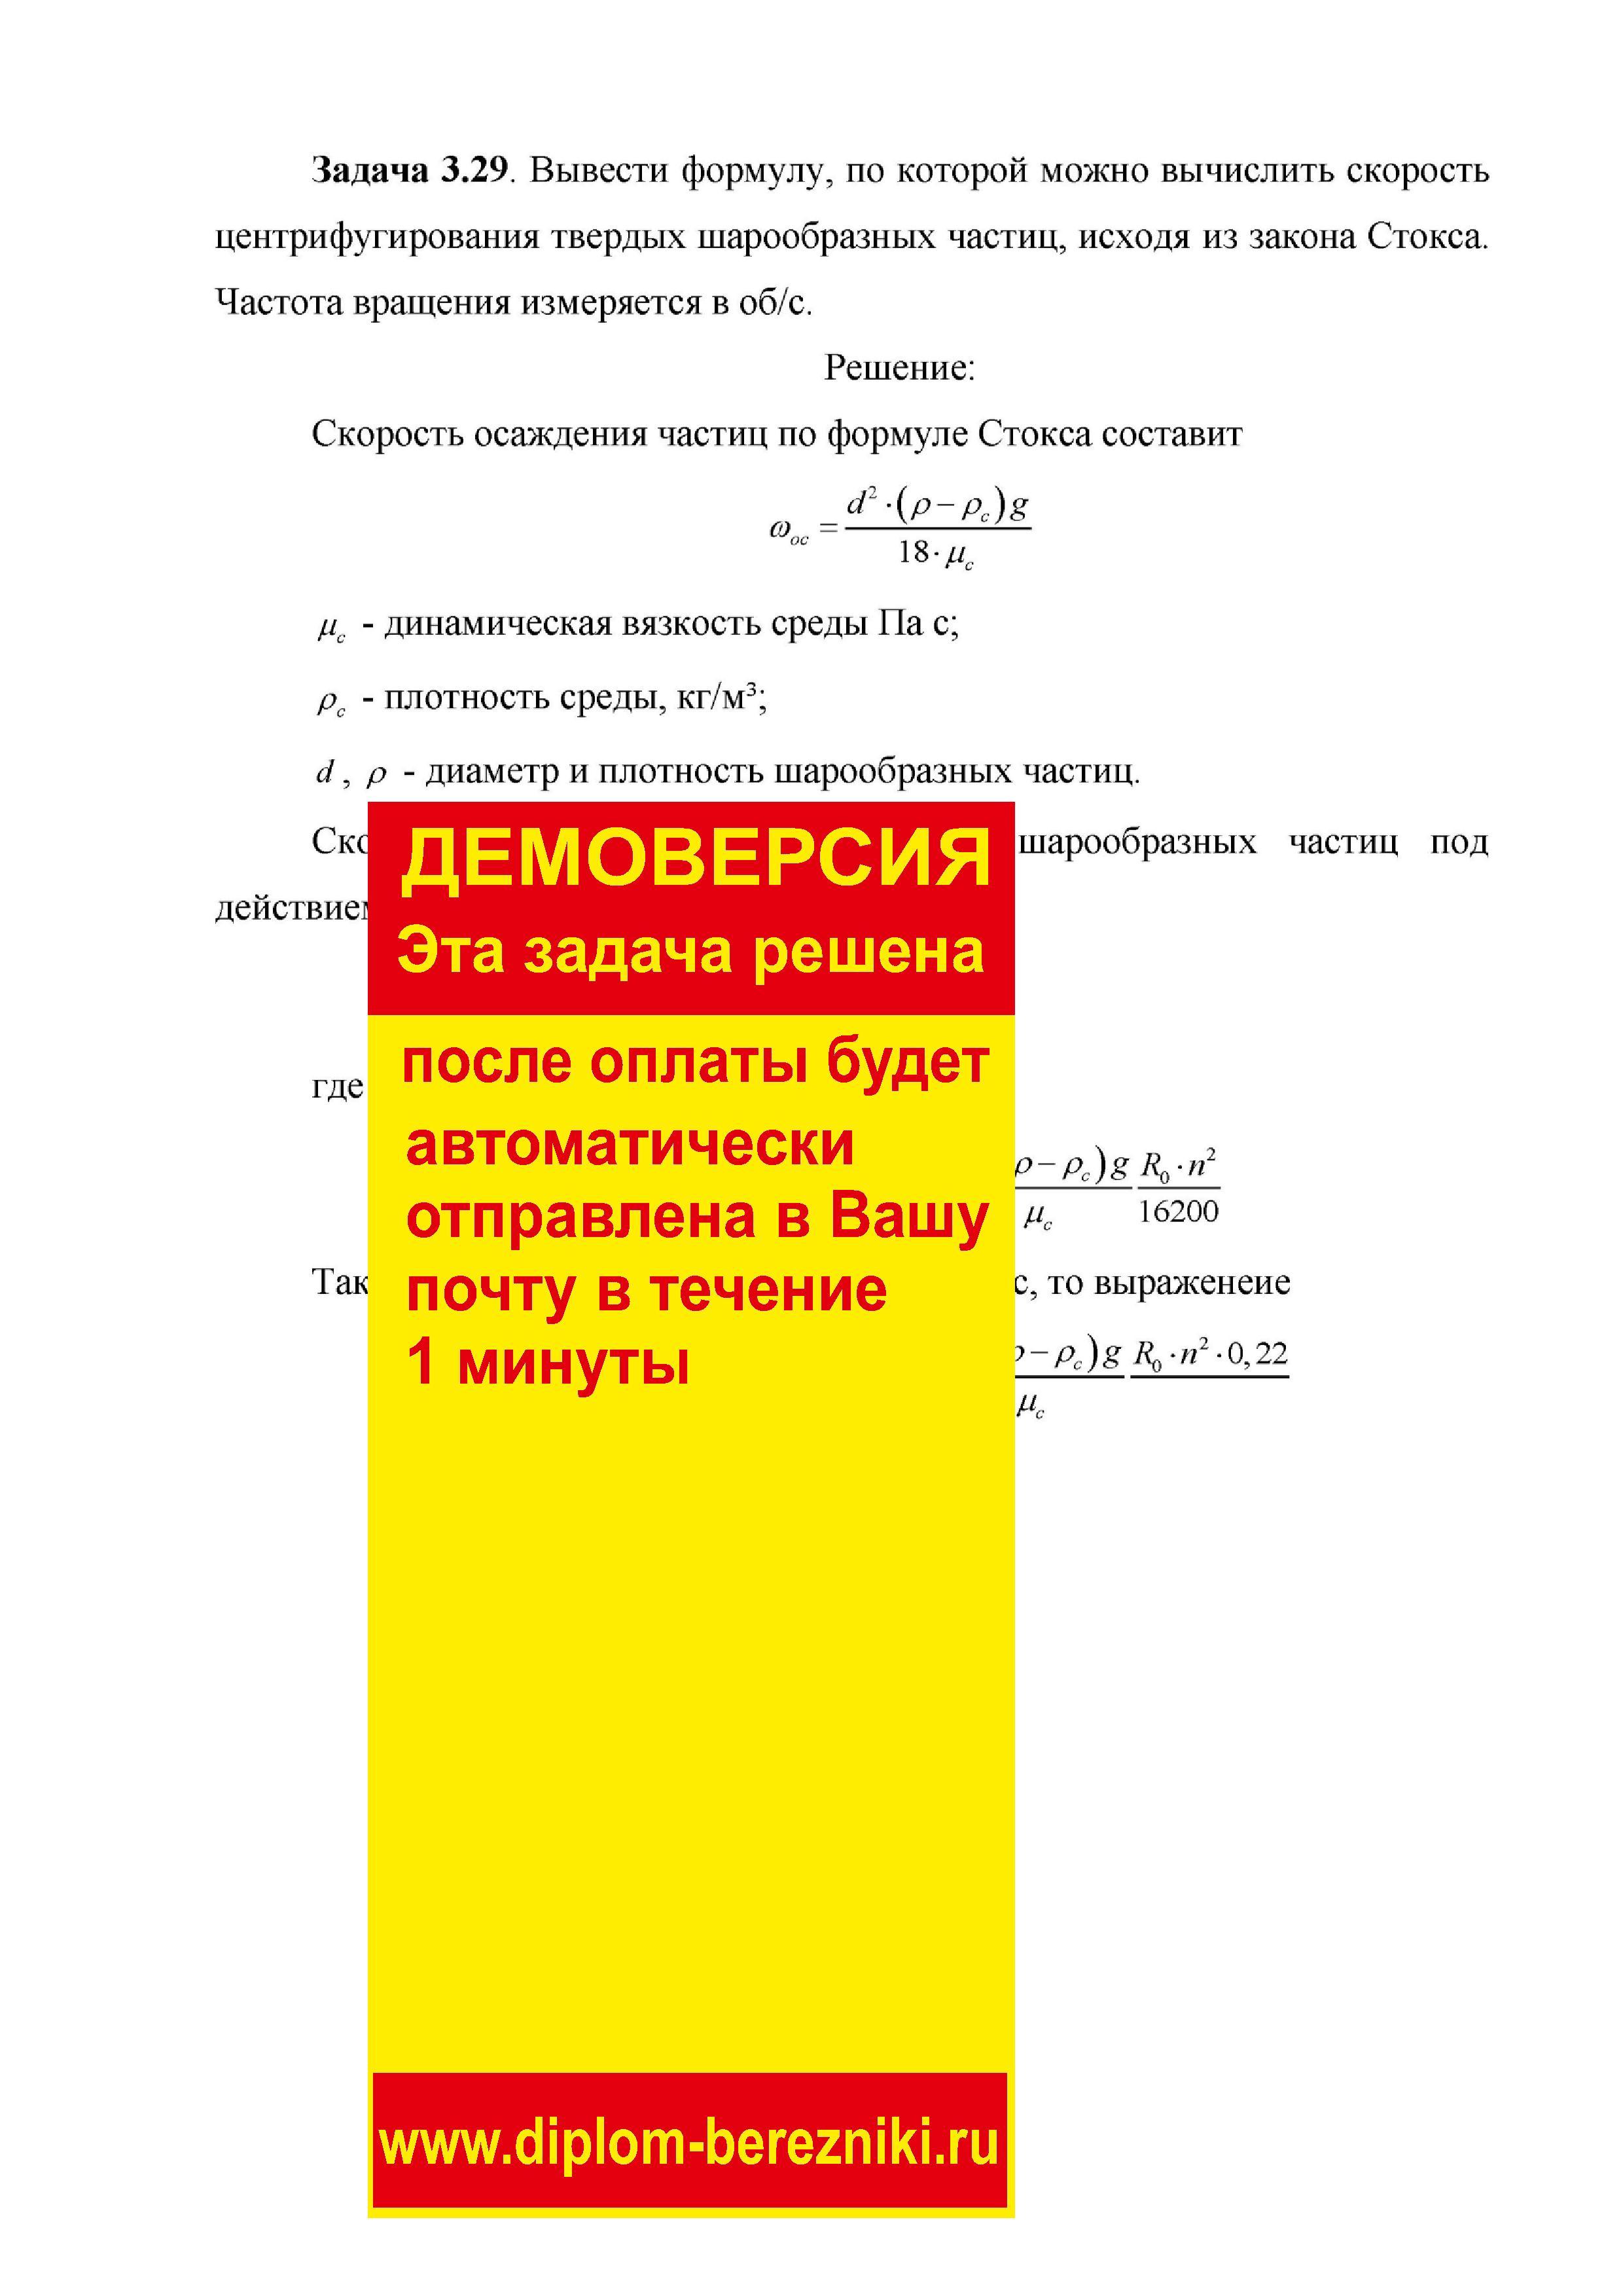 Решение задачи 3.29 по ПАХТ из задачника Павлова Романкова Носкова